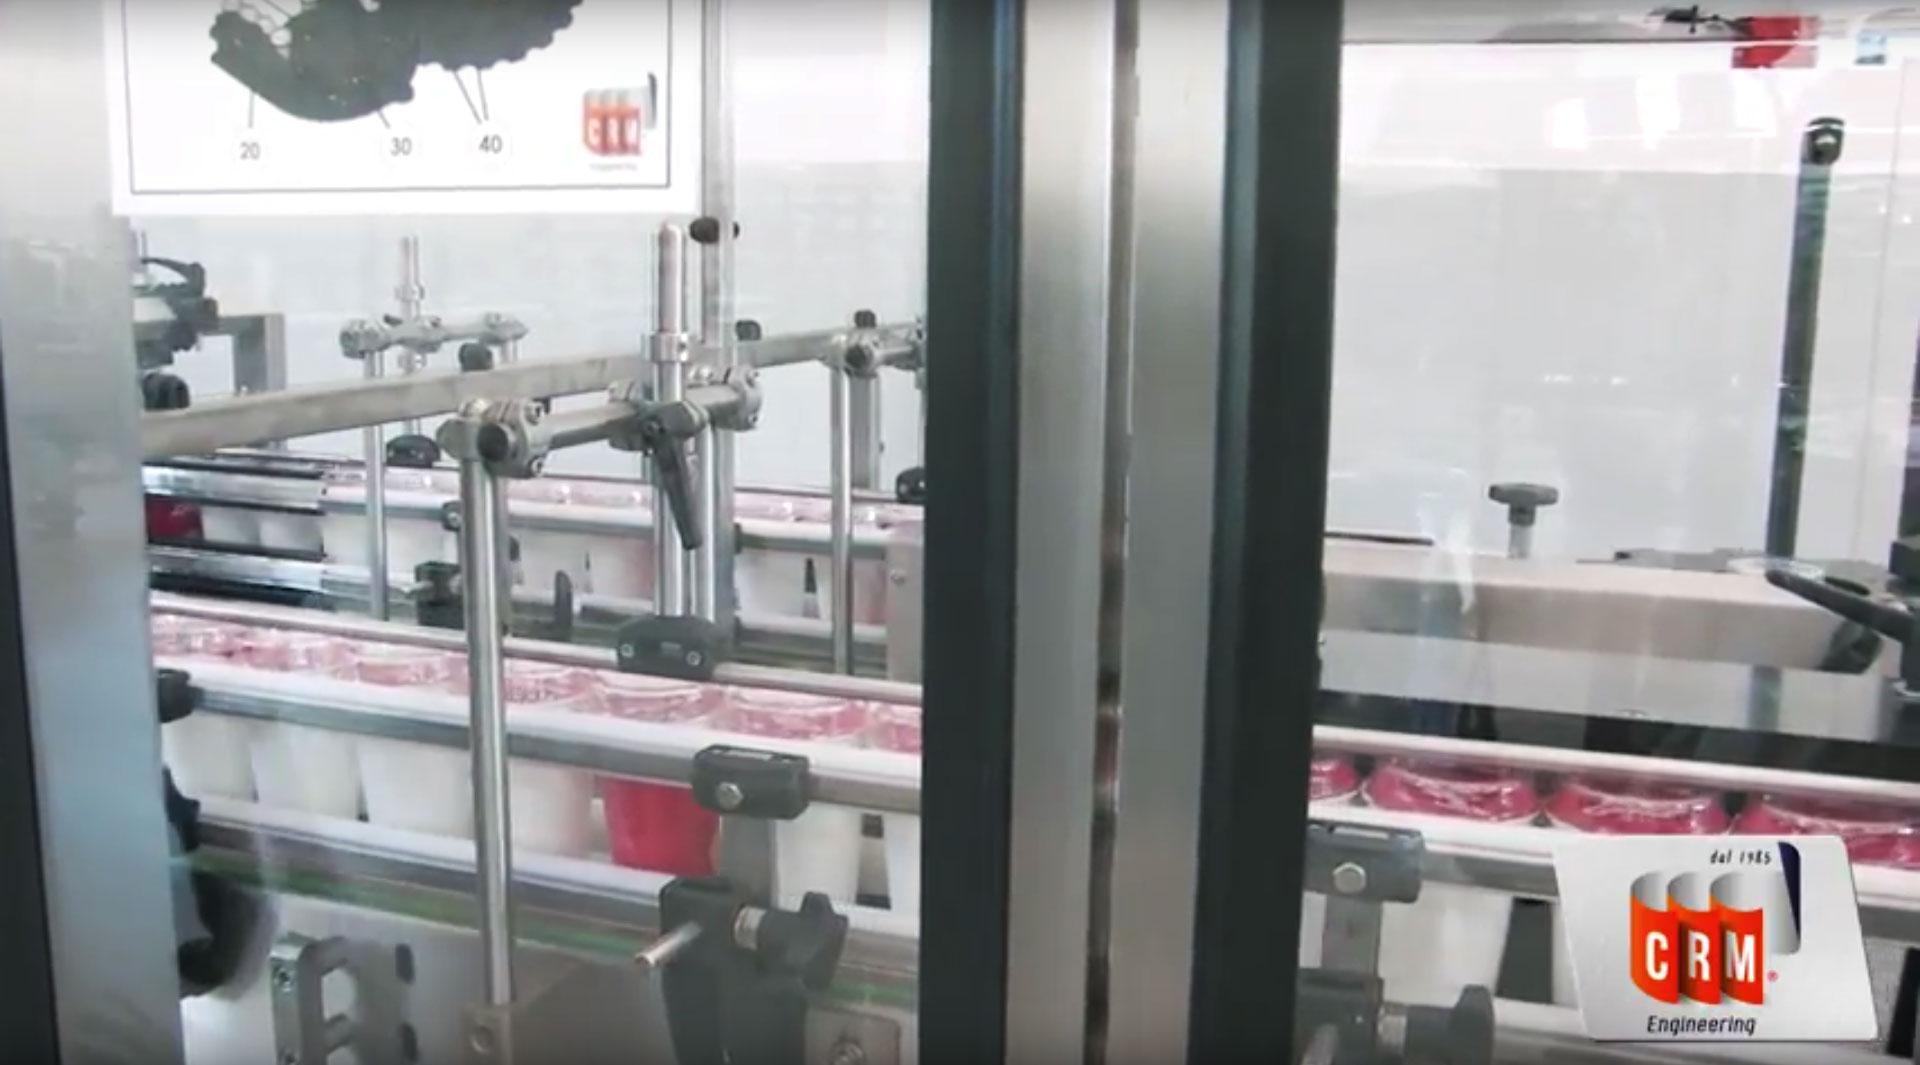 macchine-automatiche-rrotative-riordinatrici-crmengineering